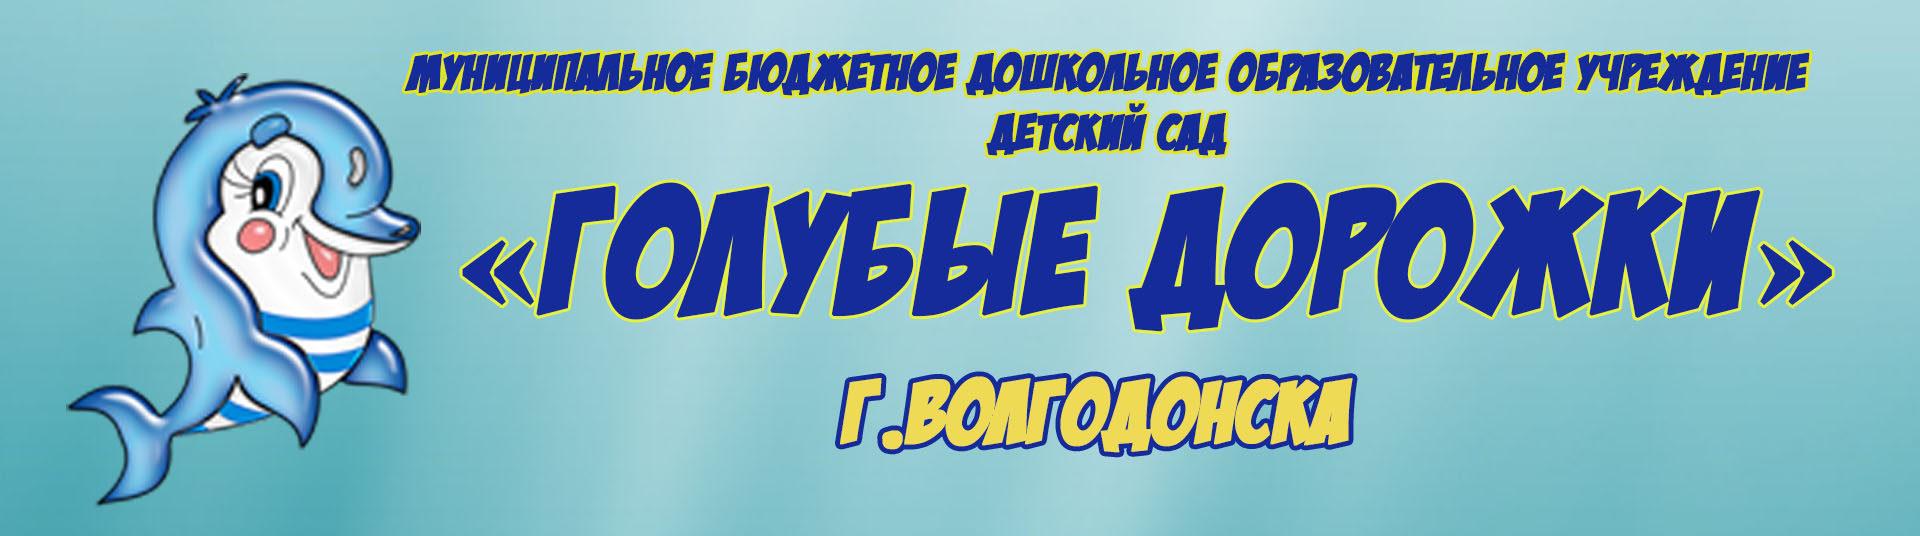 """МБДОУ ДС """"Голубые дорожки"""" г.Волгодонска"""